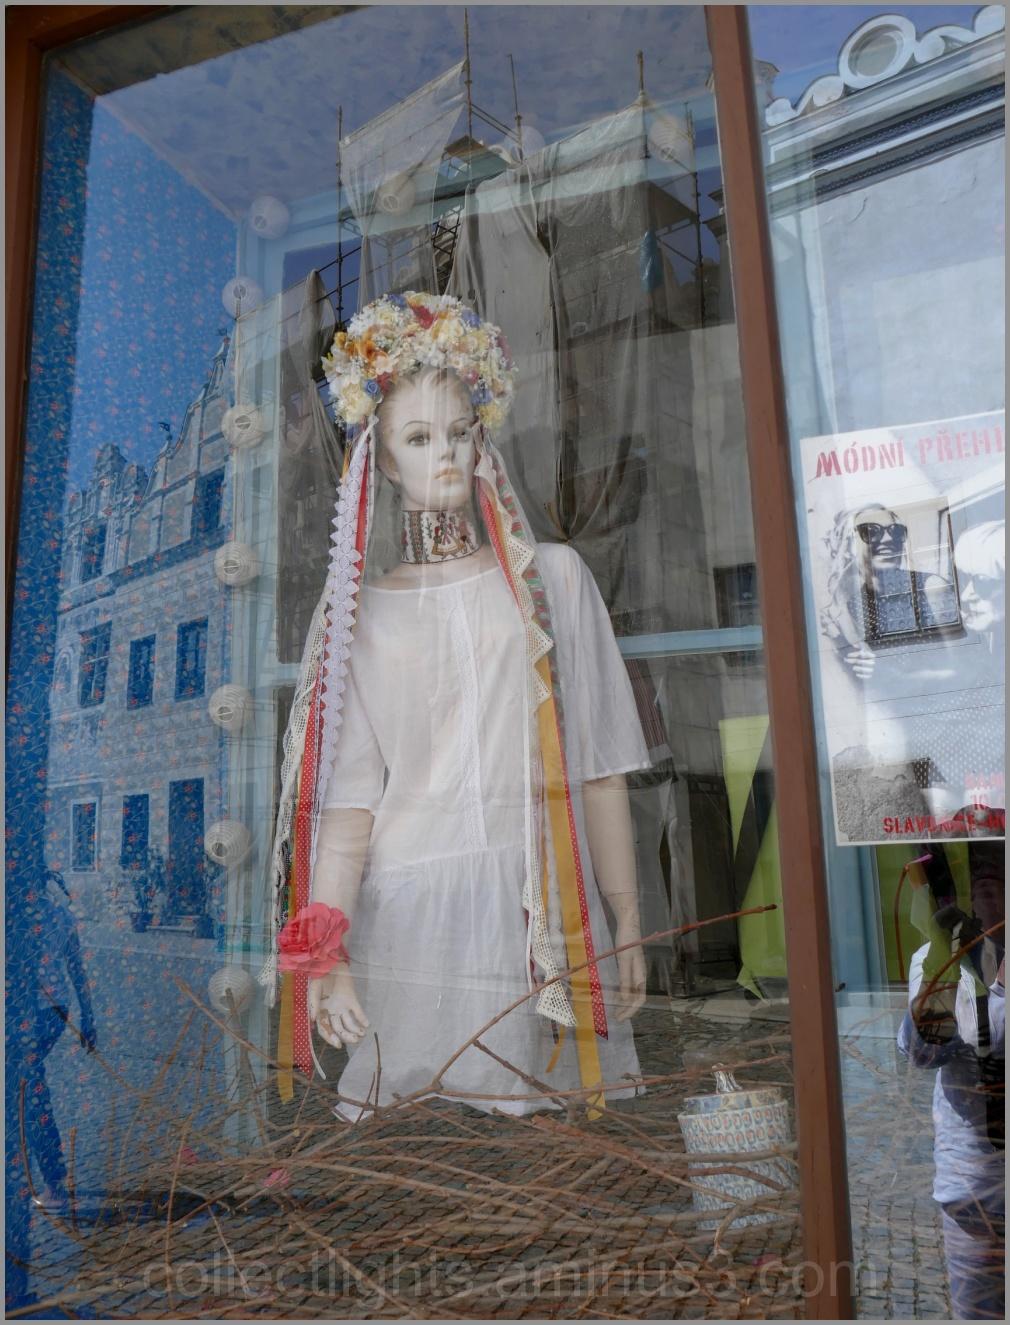 La déesse Flore s'est installée en ville !